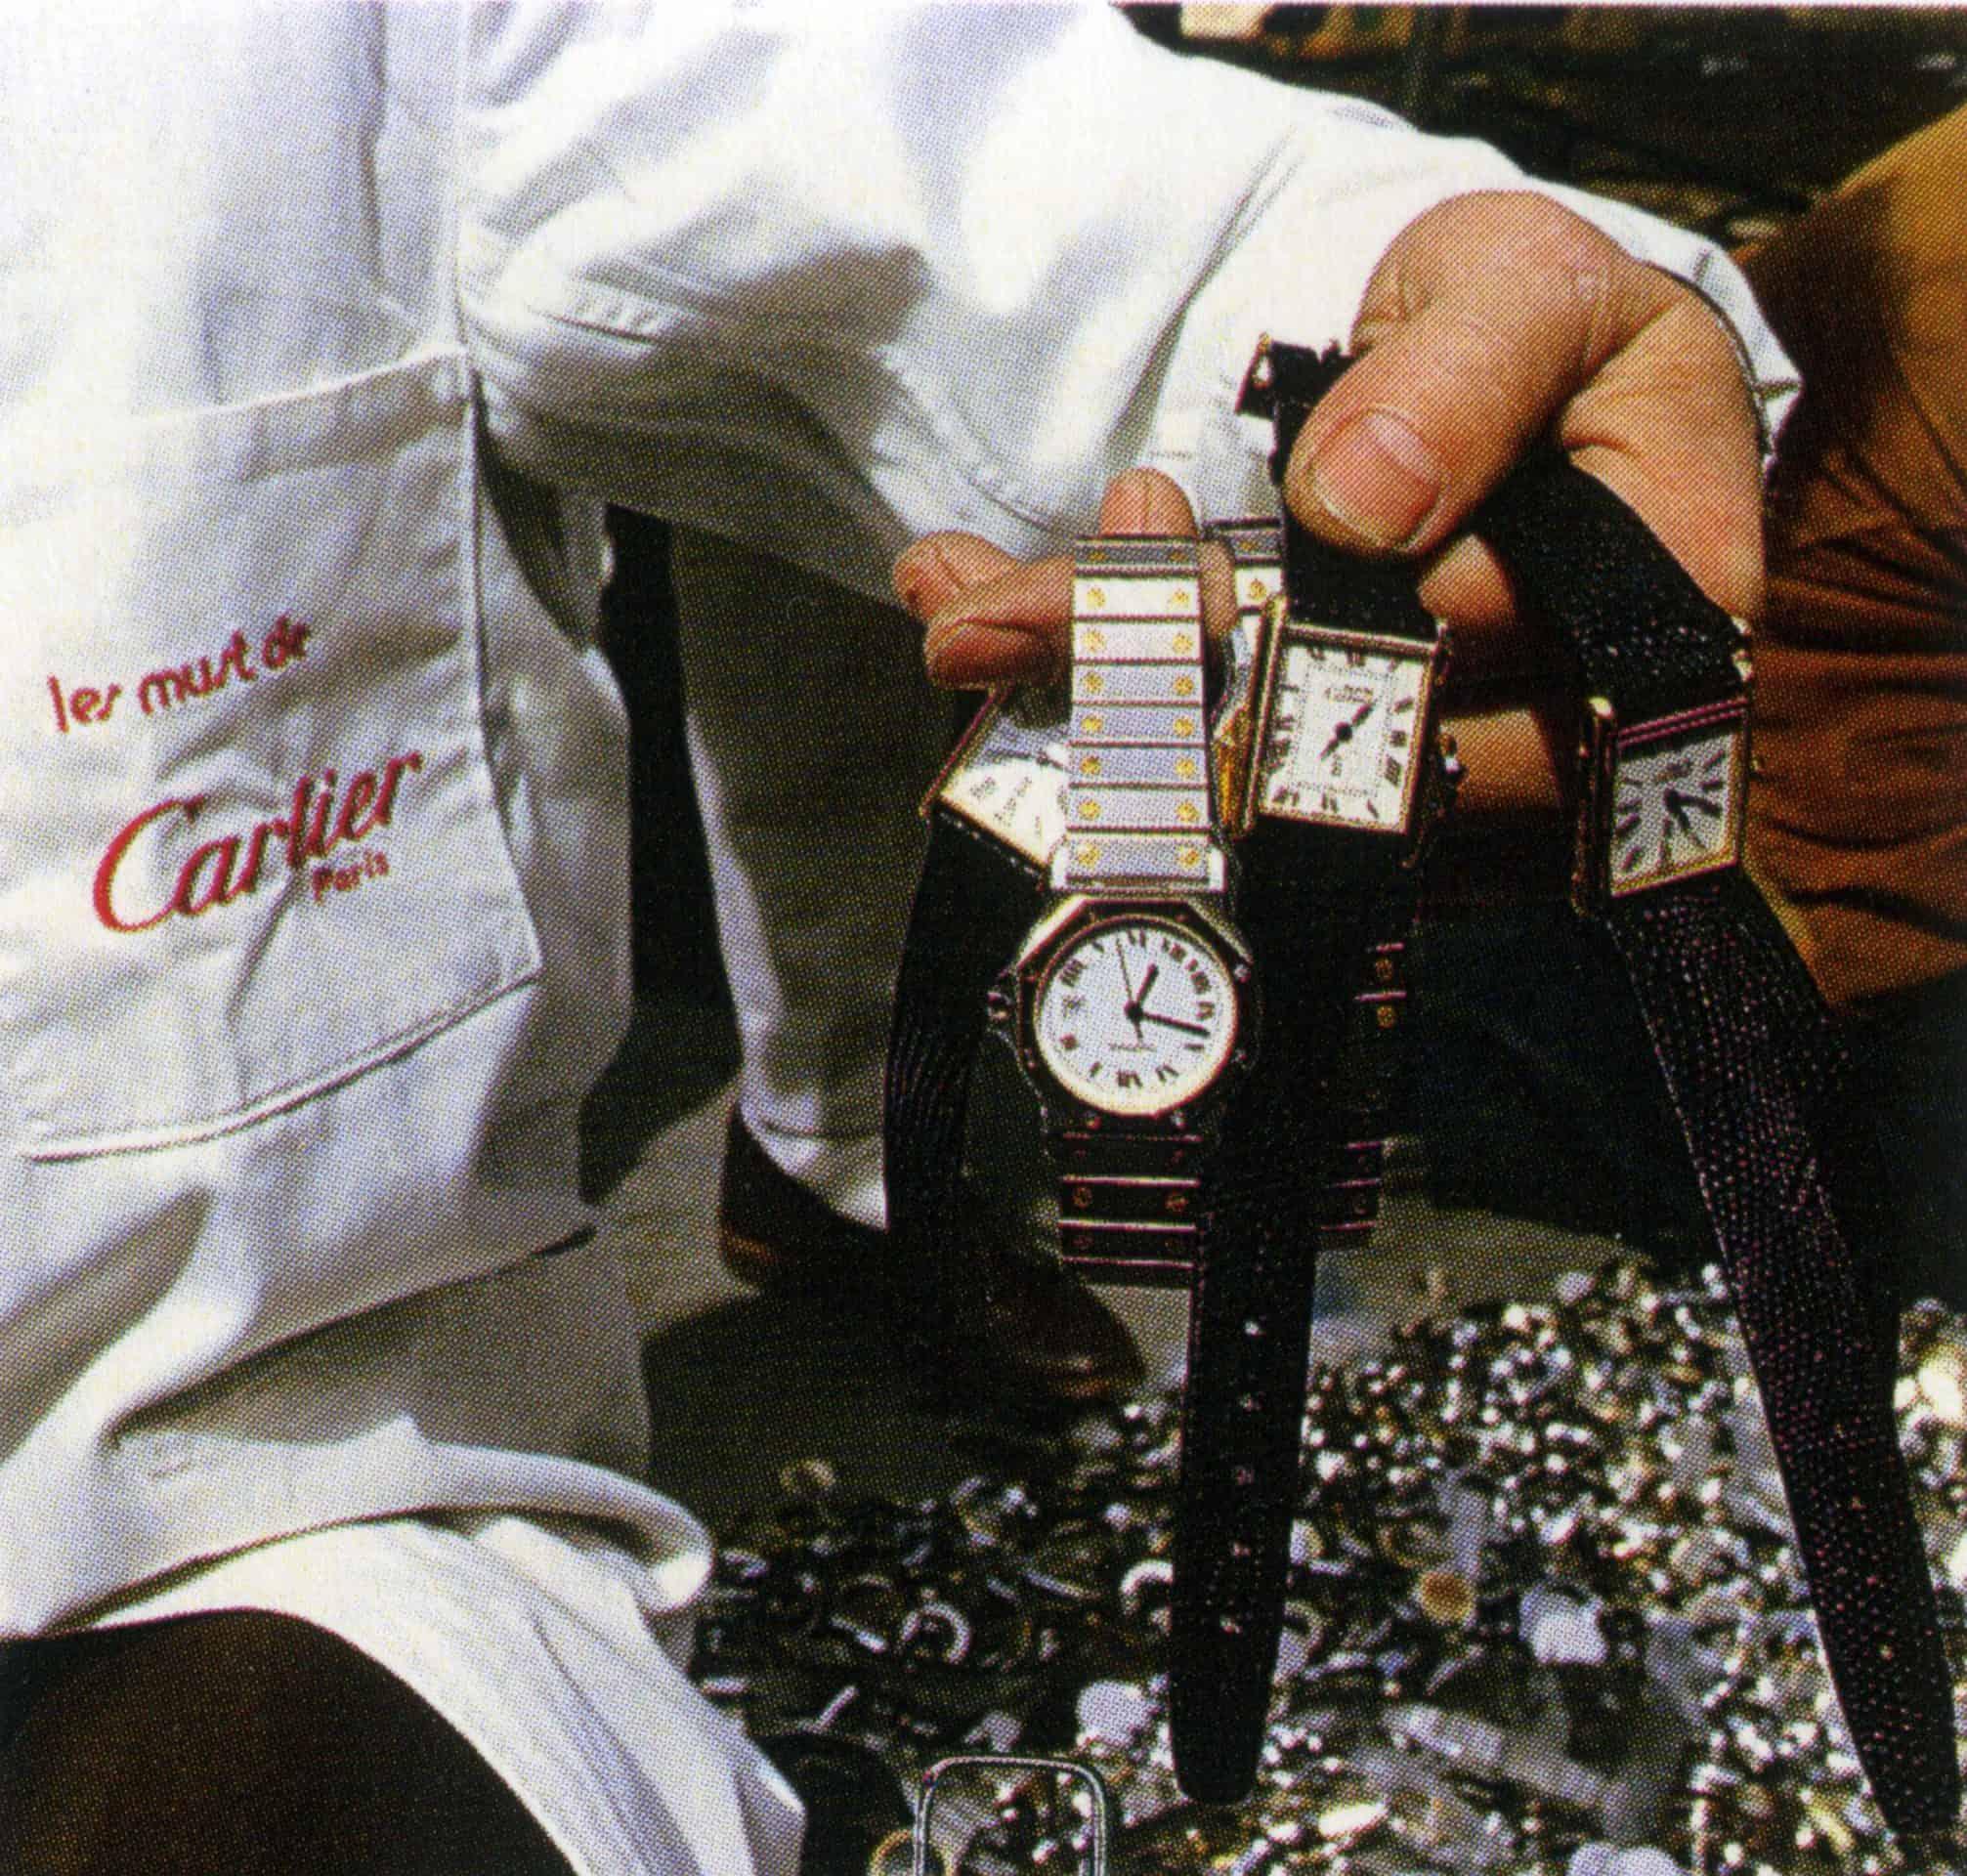 Fälschungen der Tank Linie von Cartier wurden rigoros zerstört